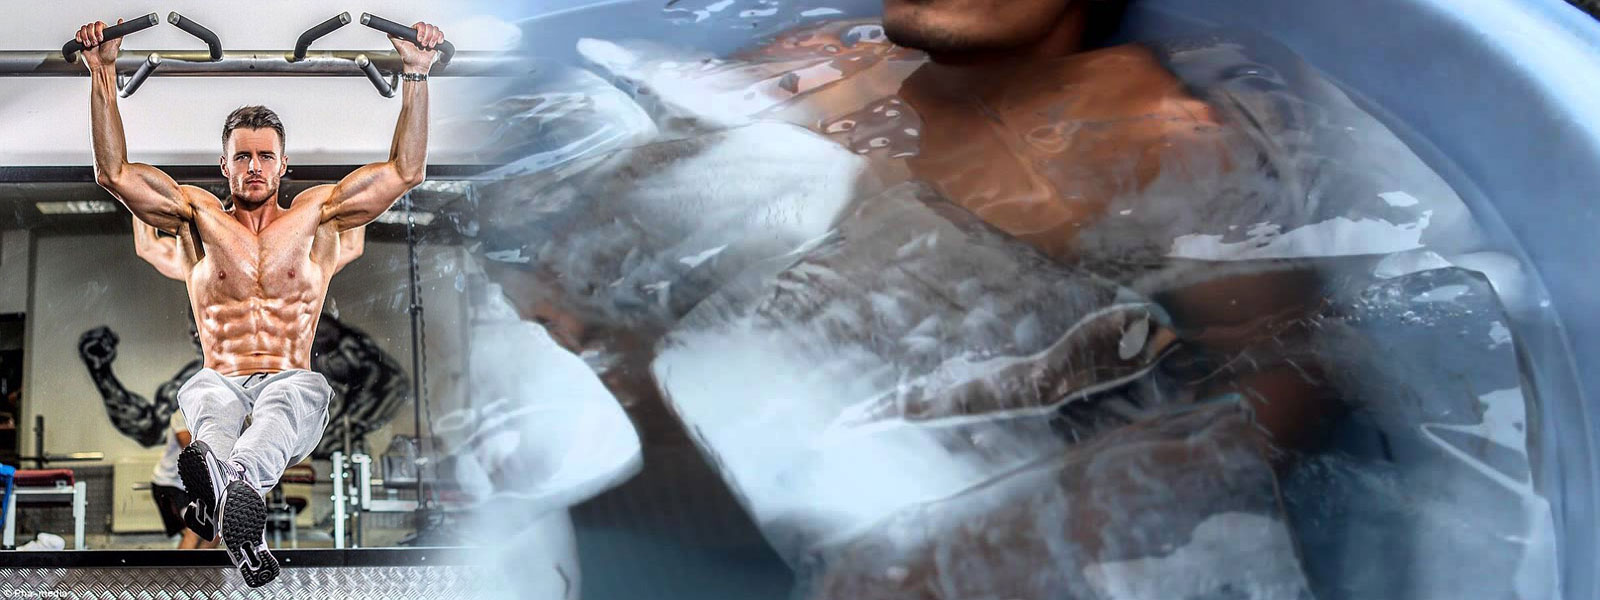 Покачване на мускулна маса и ледена вана след тренировка